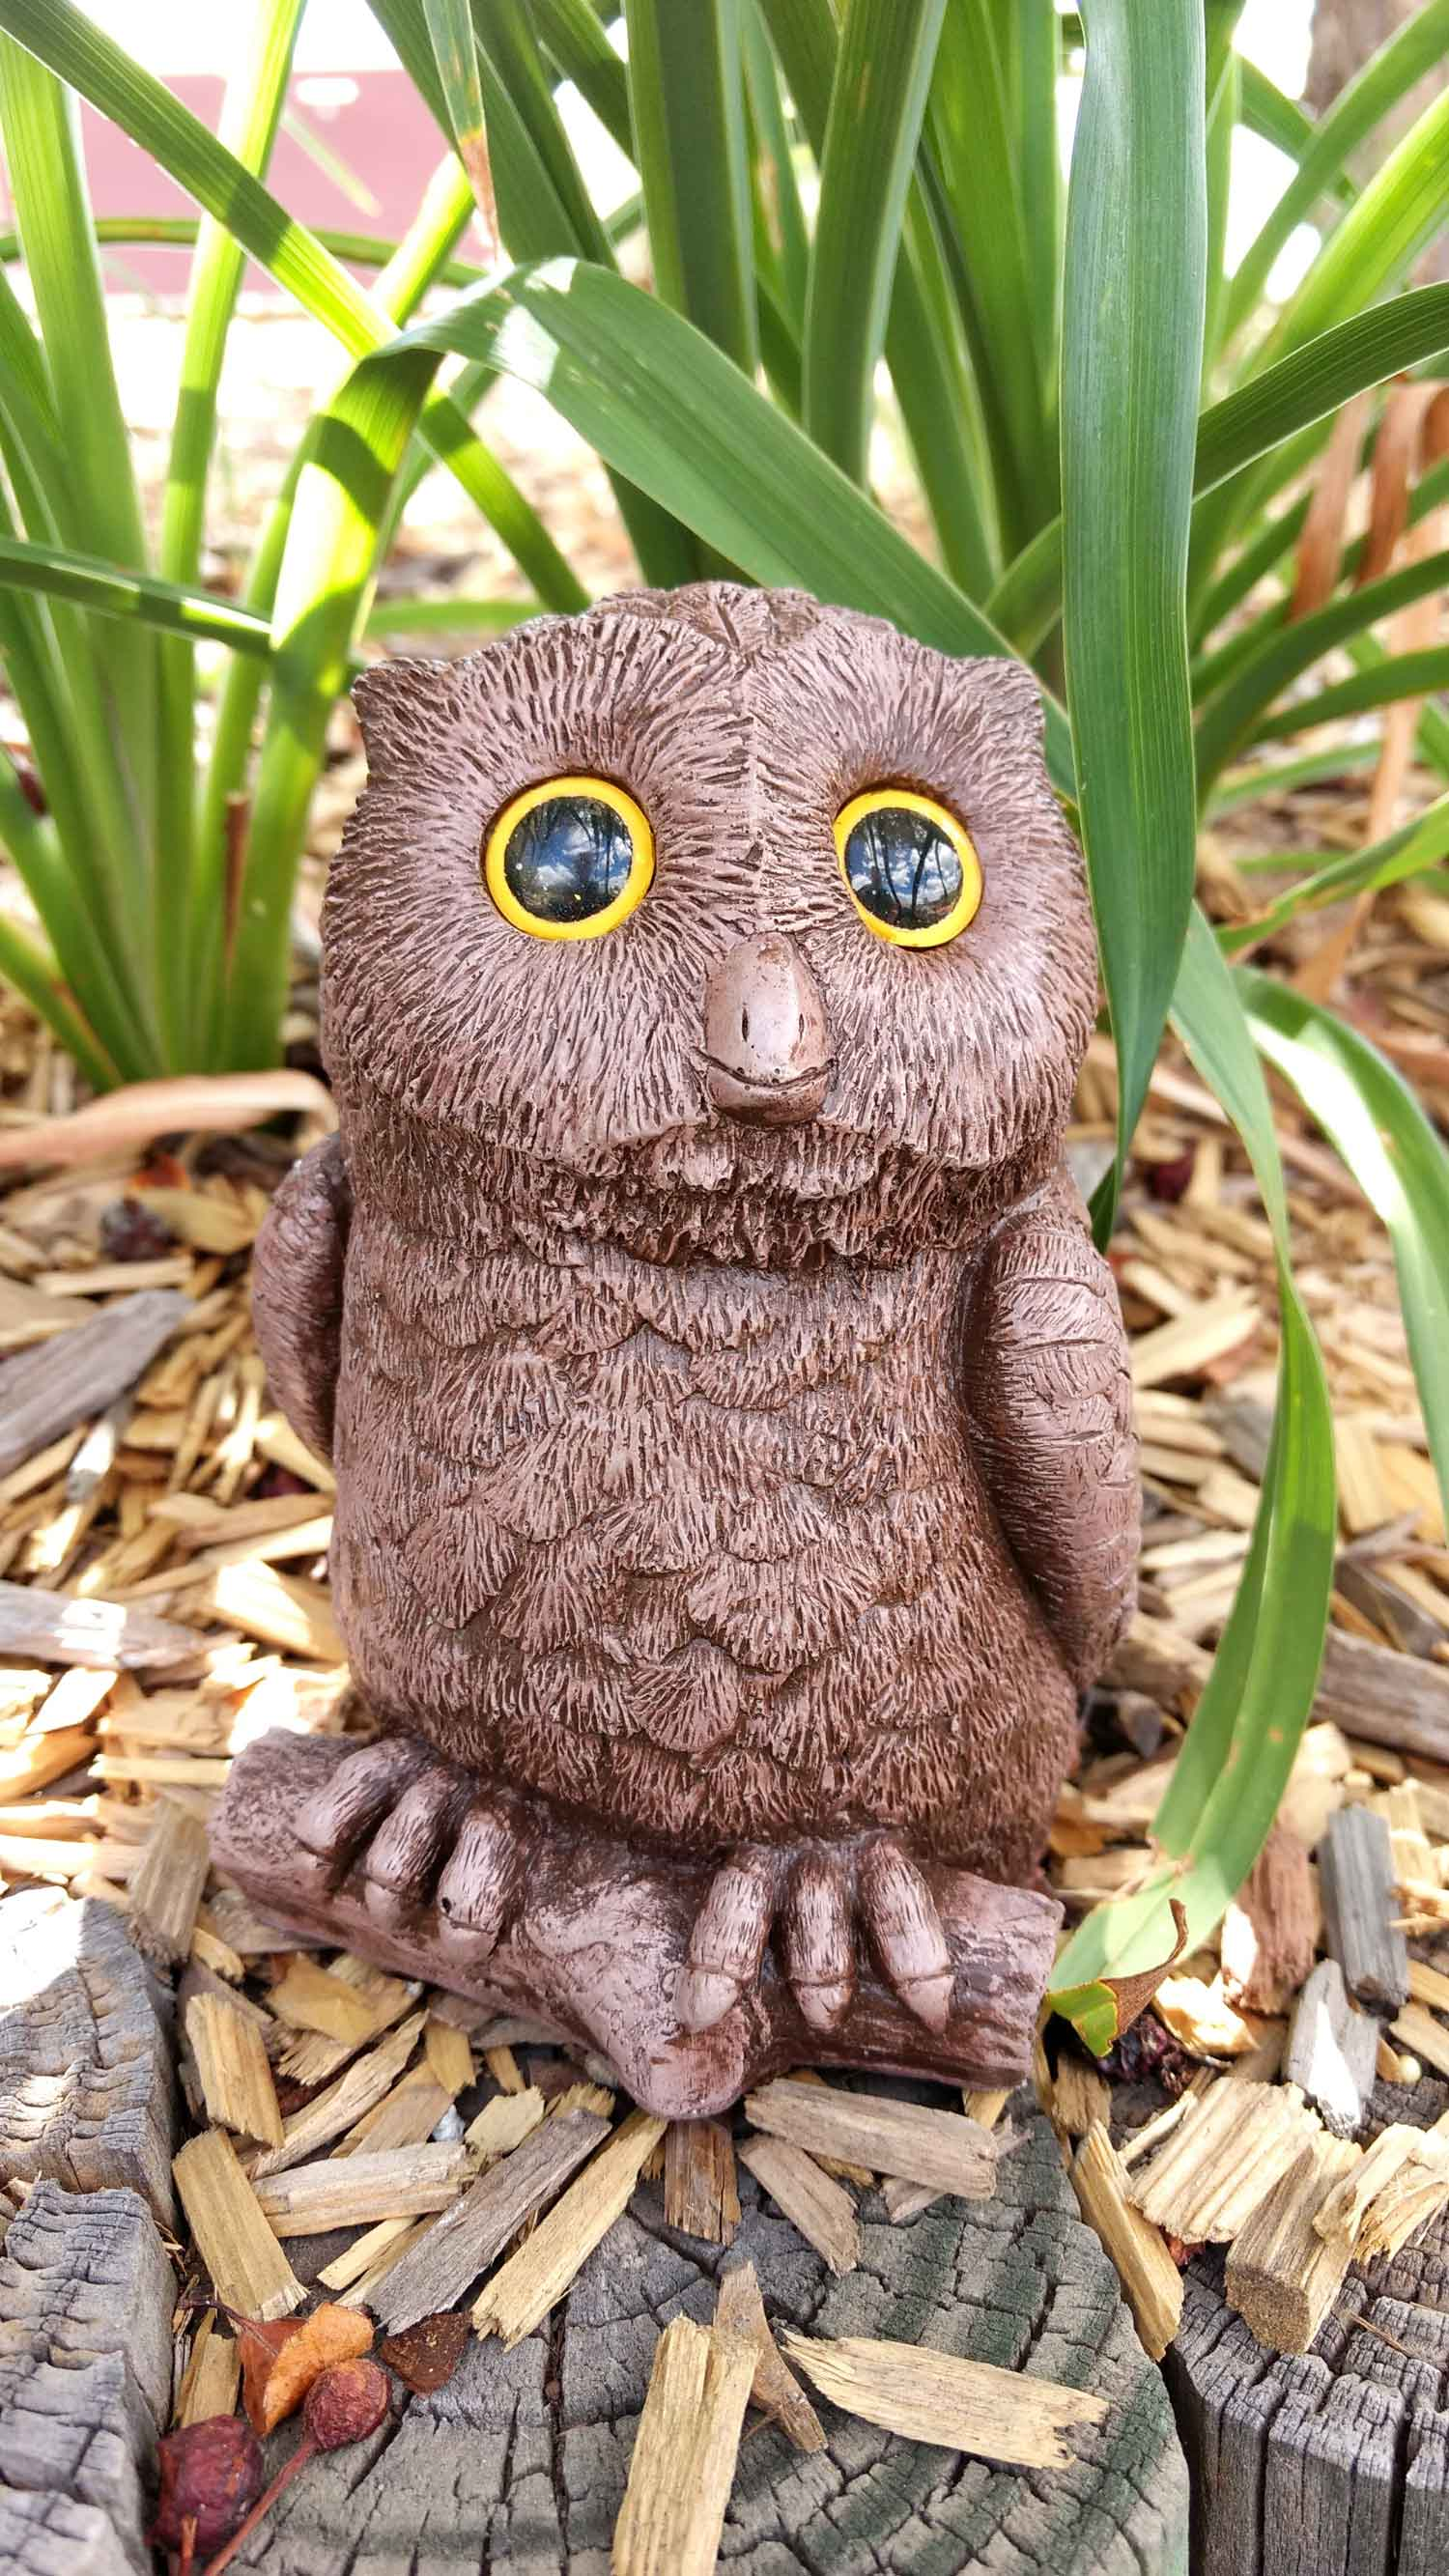 owl-in-wood-chips-11jpg.jpg